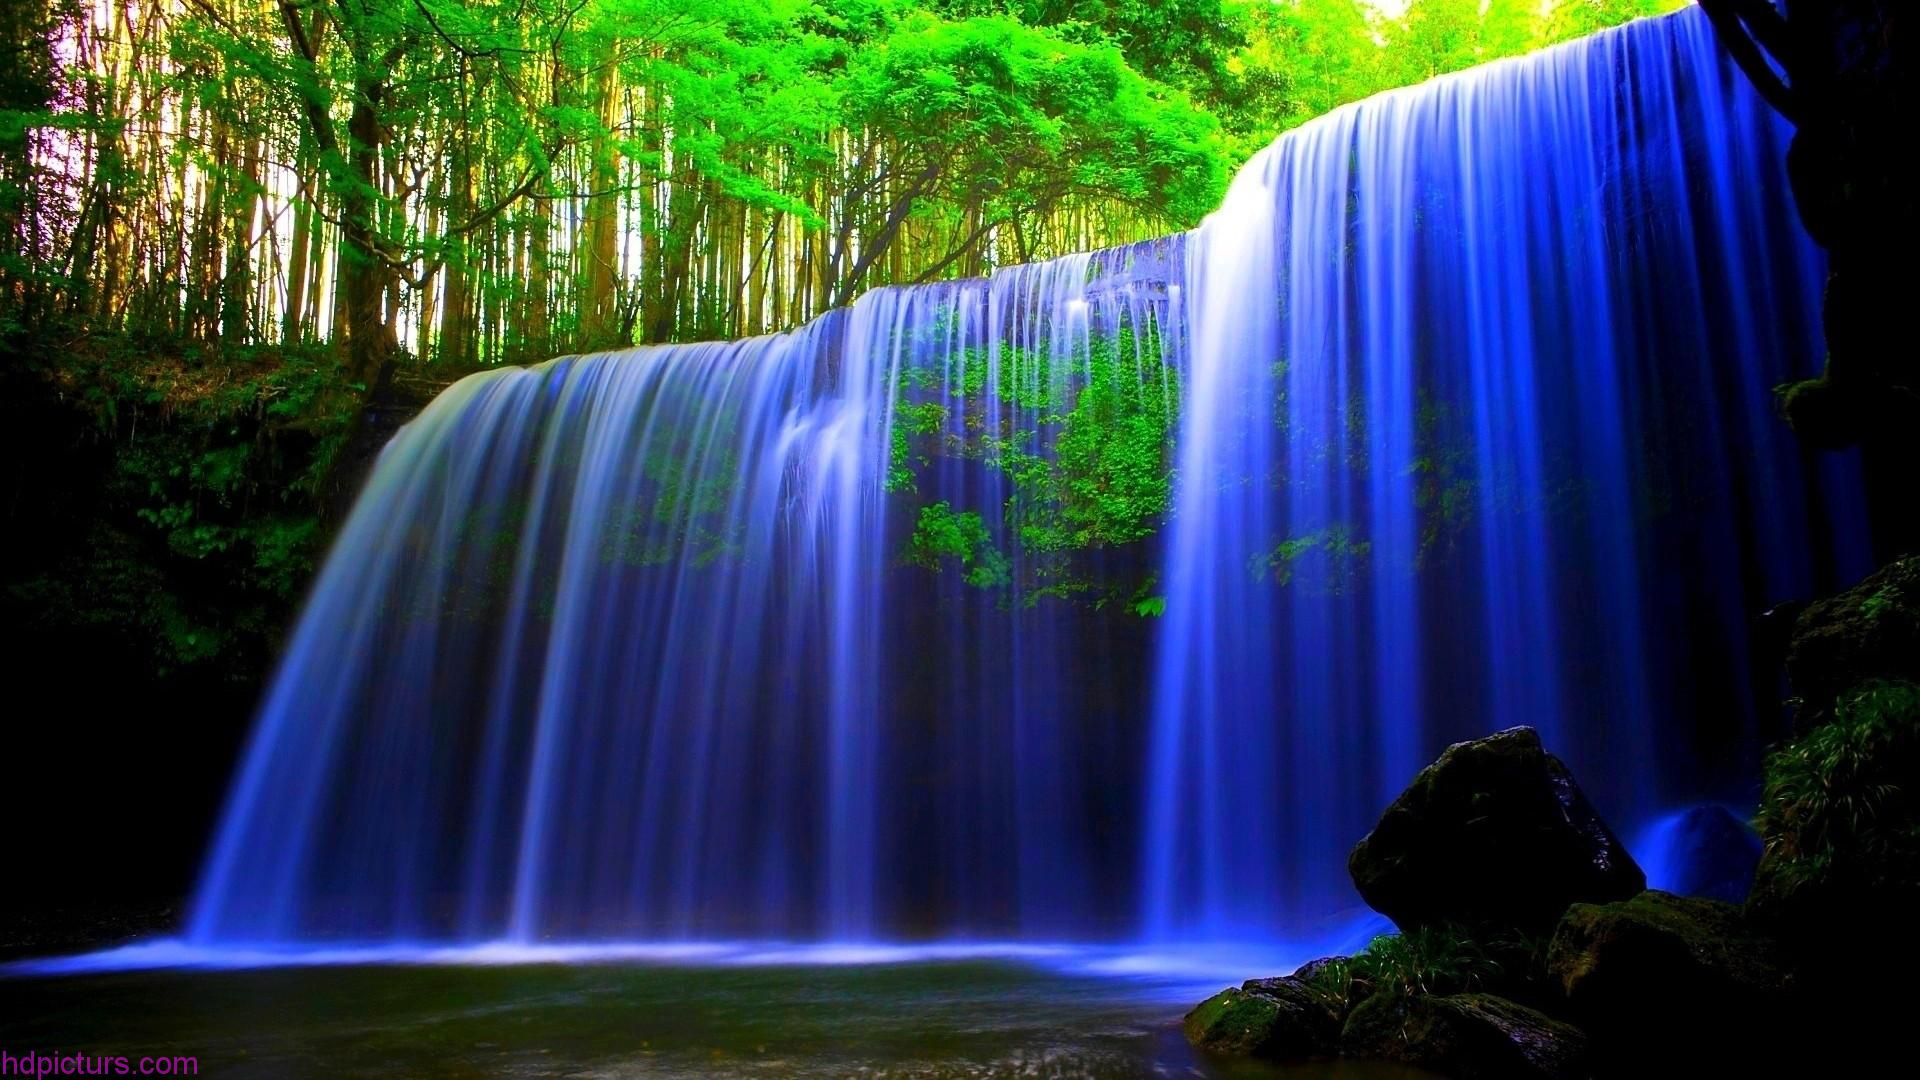 بالصور صور طبيعة خلابة , تصوير الطبيعه الرائعه 1308 5